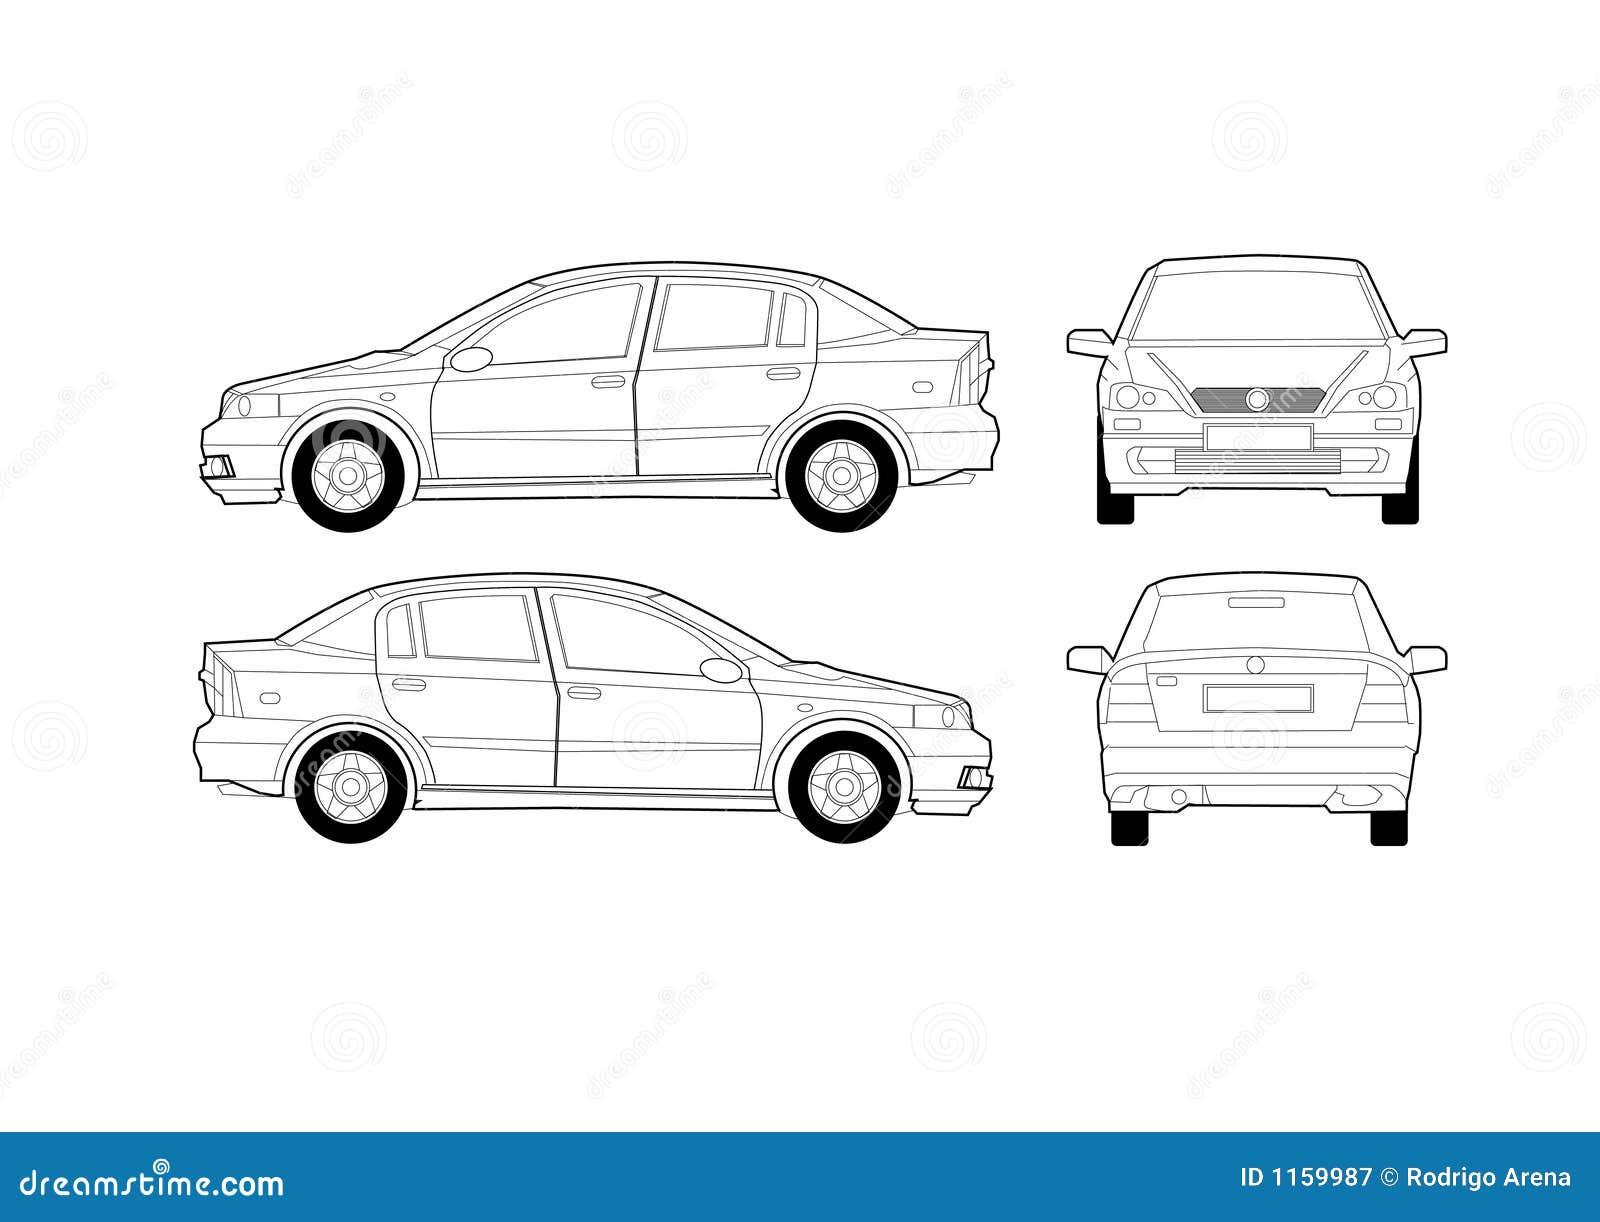 Generisches Saal-Auto-Diagramm Vektor Abbildung - Illustration von ...